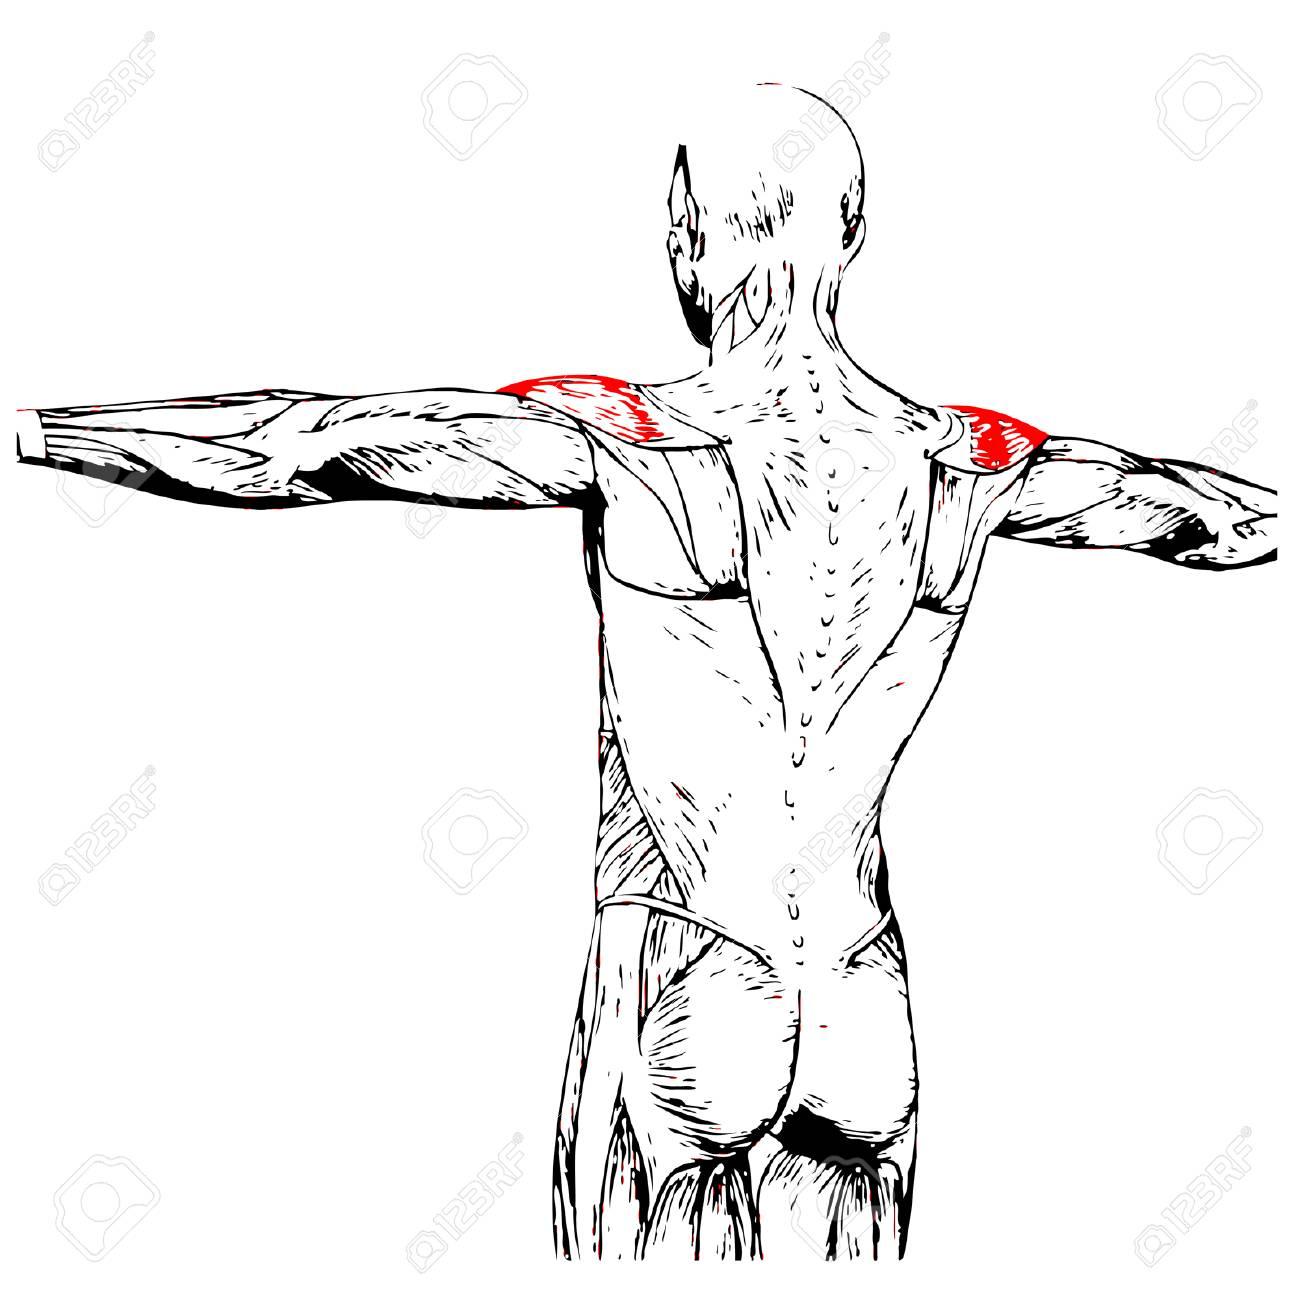 Begrifflich 3D Zurück Menschliche Anatomie Oder Anatomischen Muskel ...